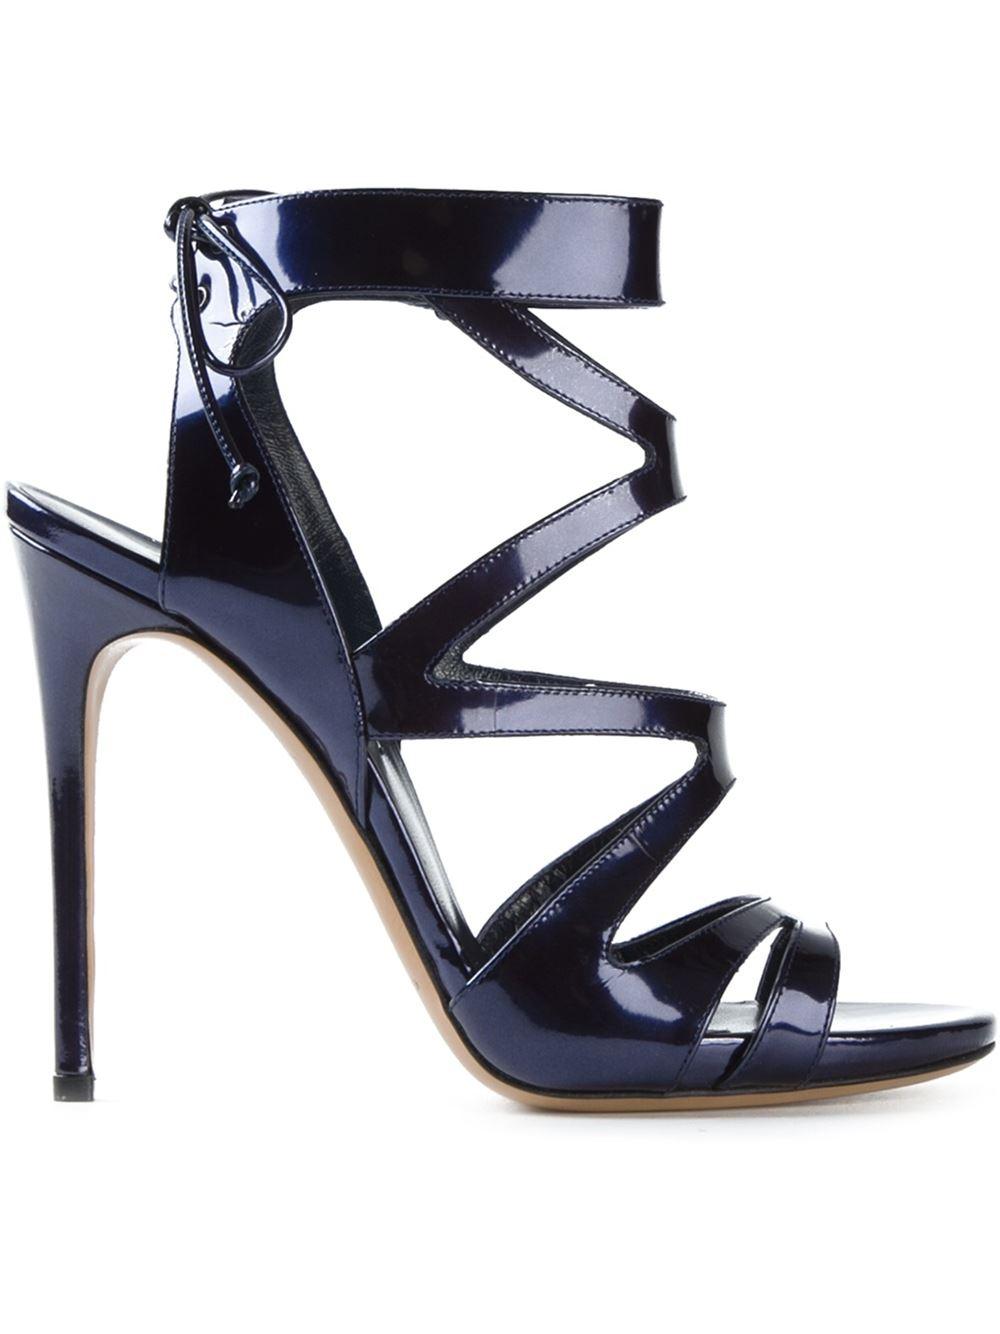 Casadei Strappy Stiletto Sandals in Blue  Lyst